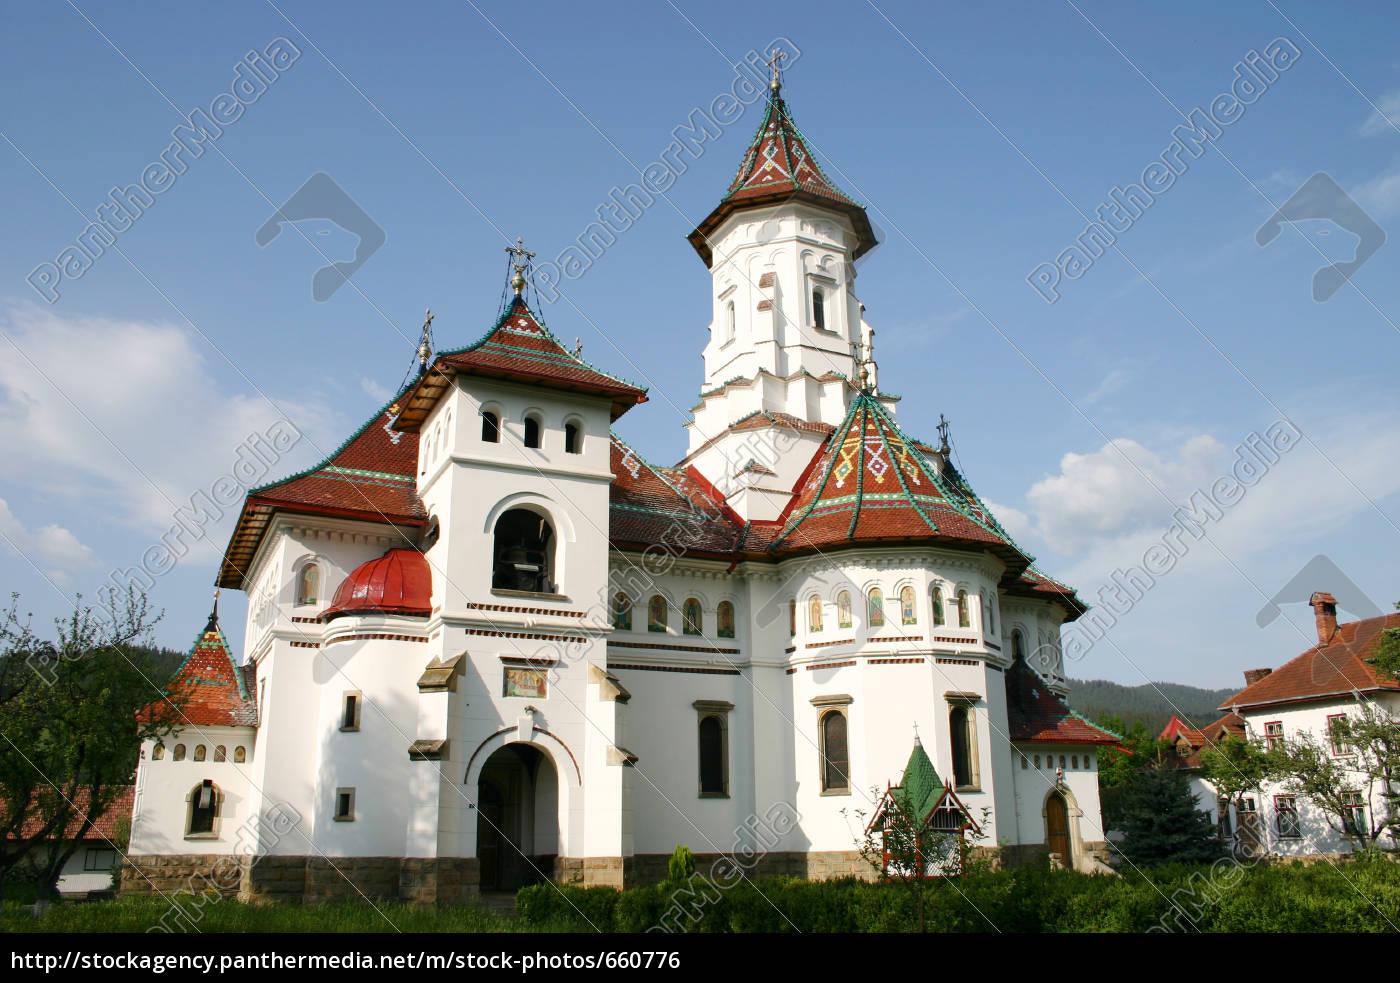 church, in, romania - 660776